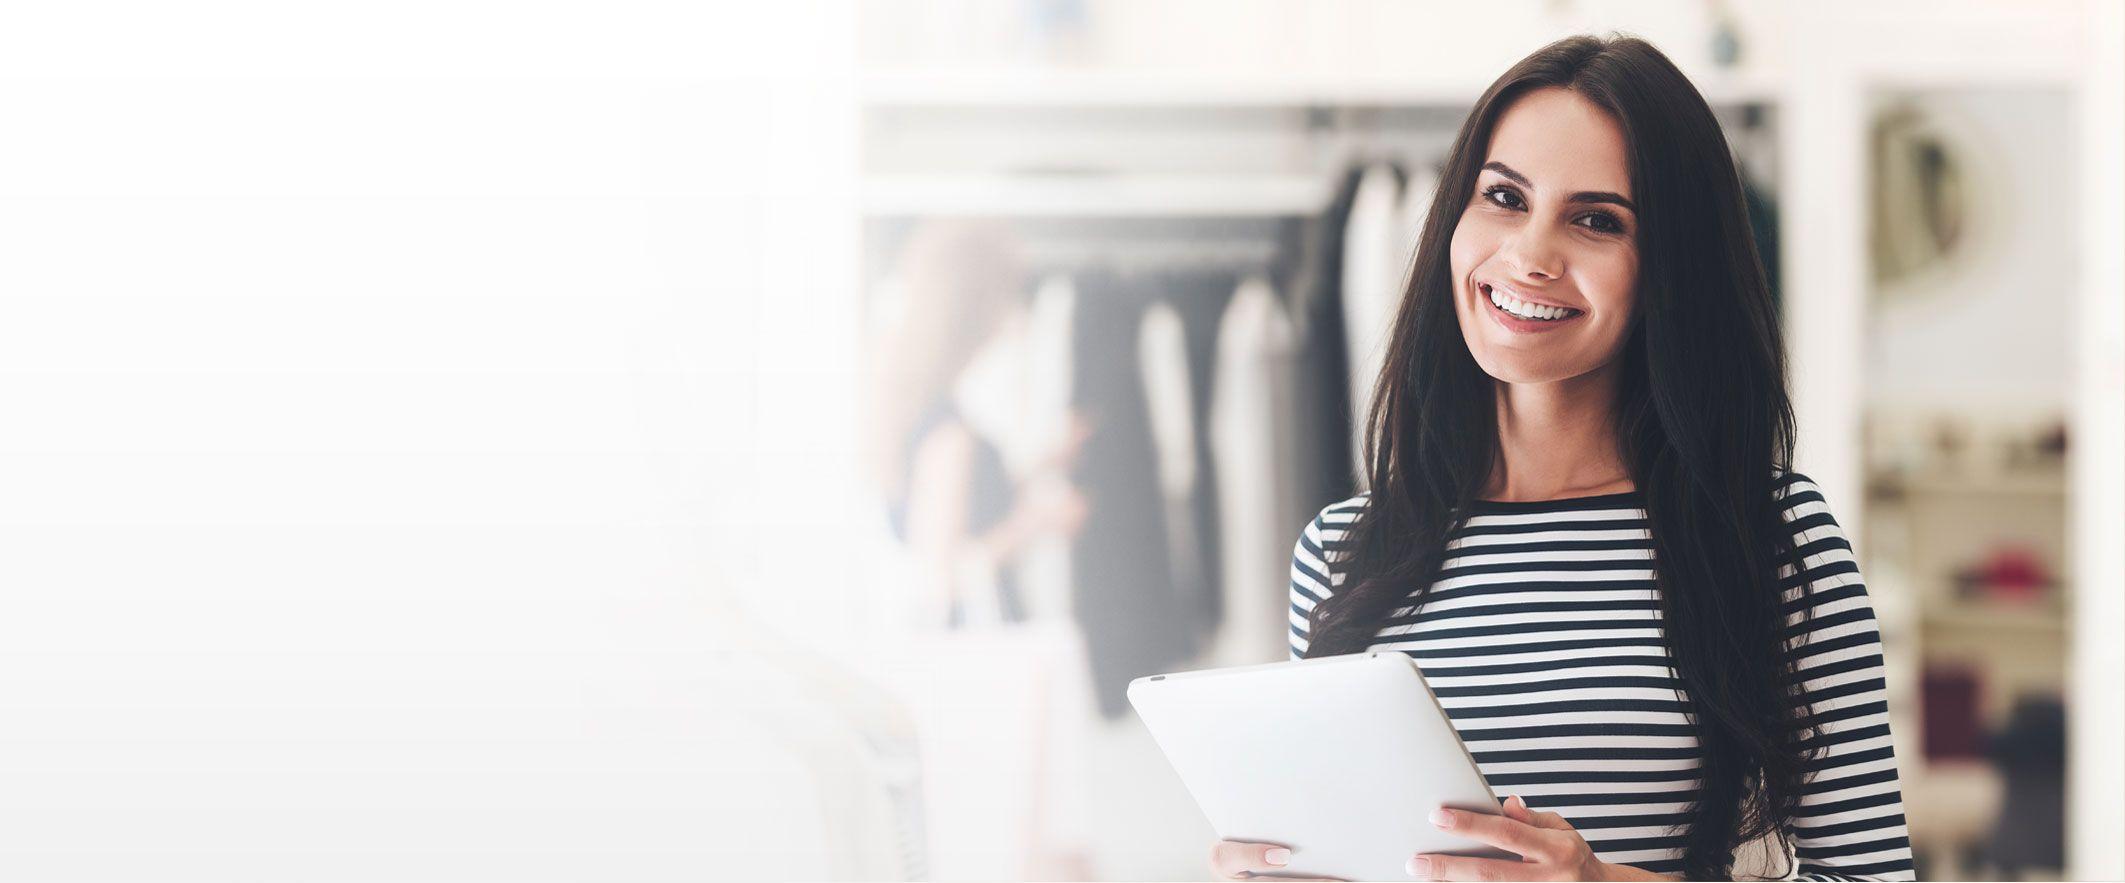 Aumenta tus ventas / con nuestra plataforma de e-Commerce diseñada para vender más